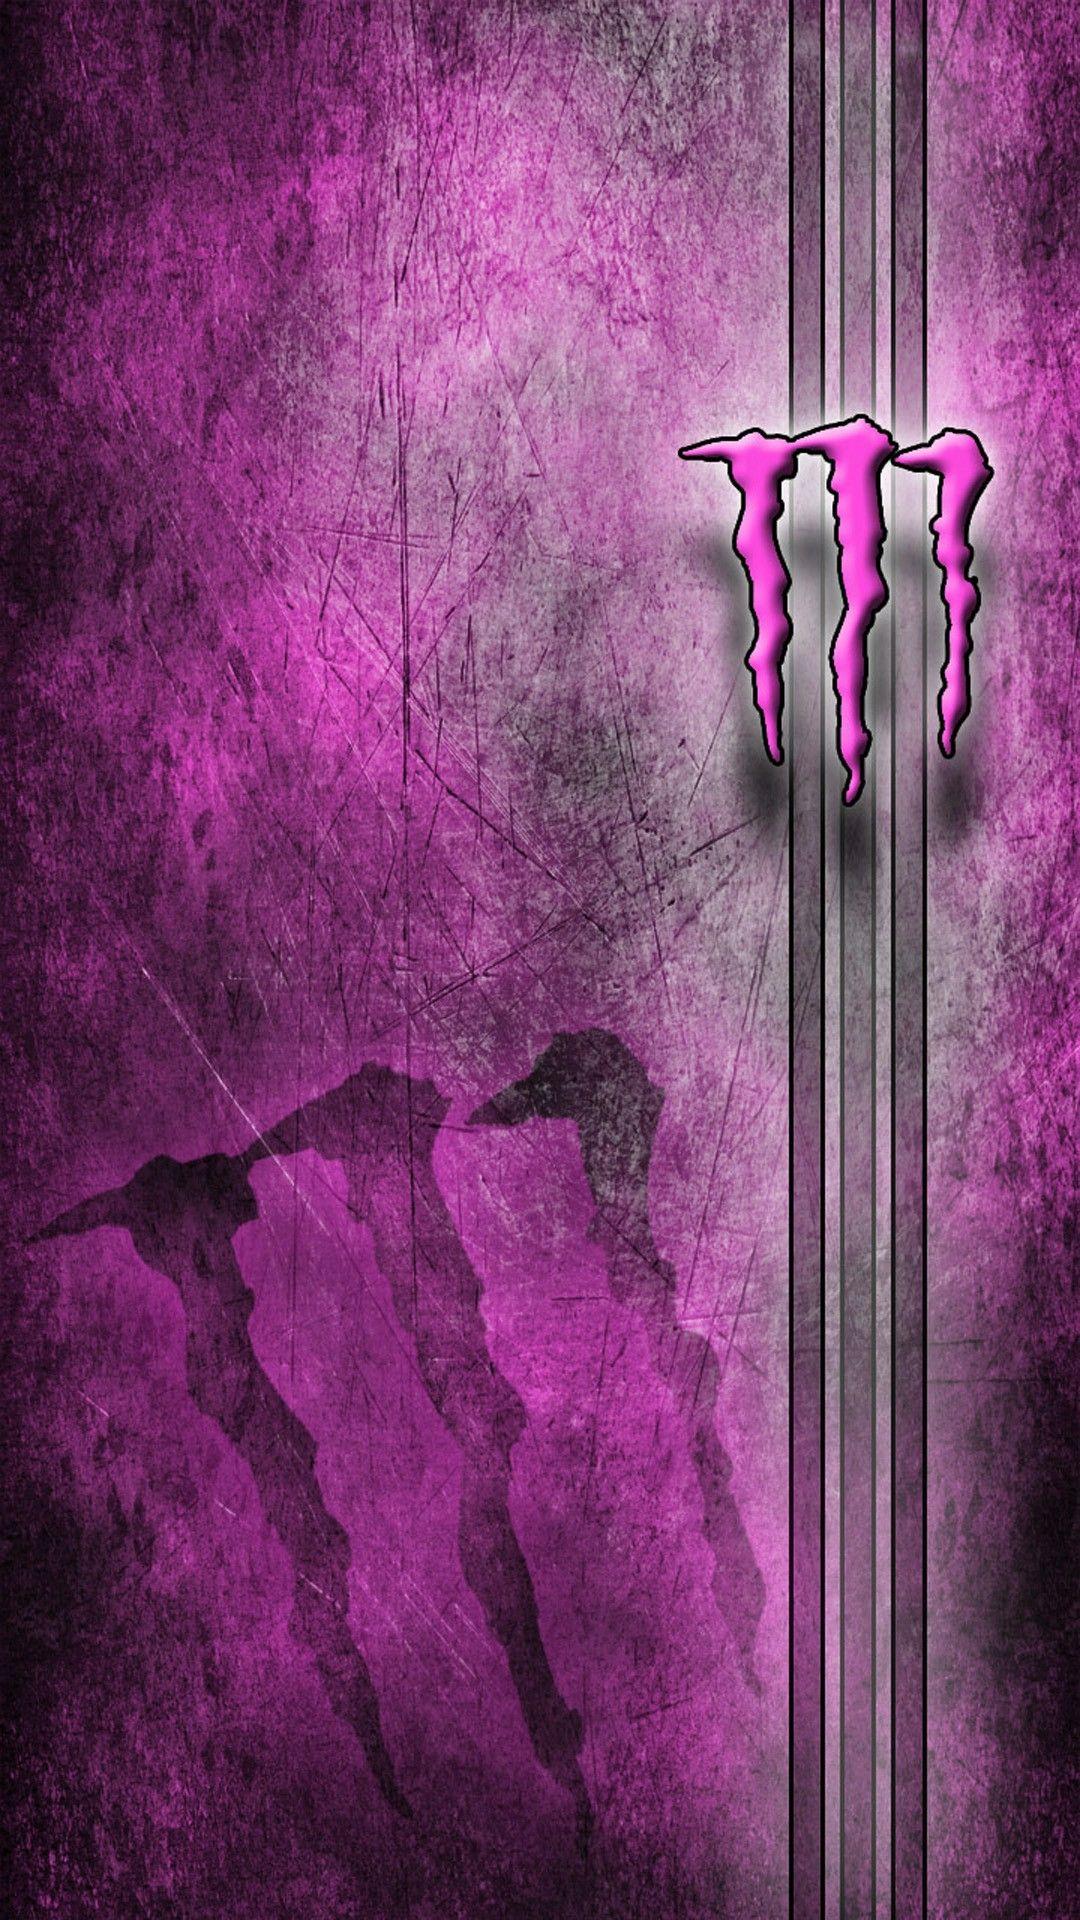 Pin by JP Cook on monster energy   Monster energy, Monster ...  Monster